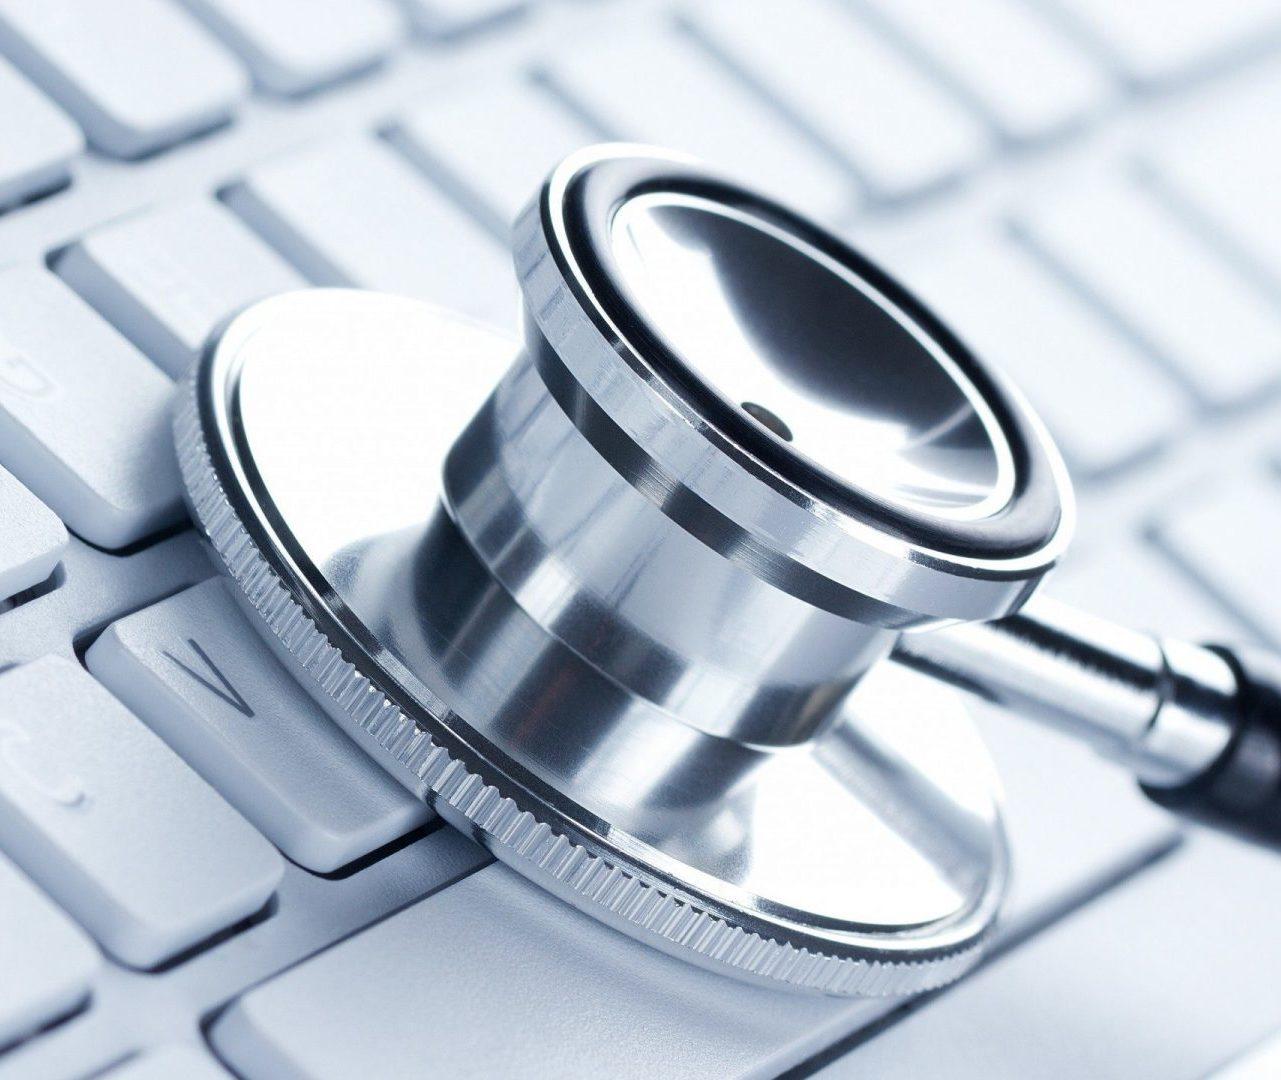 лечение удаление вирусов на компьютере